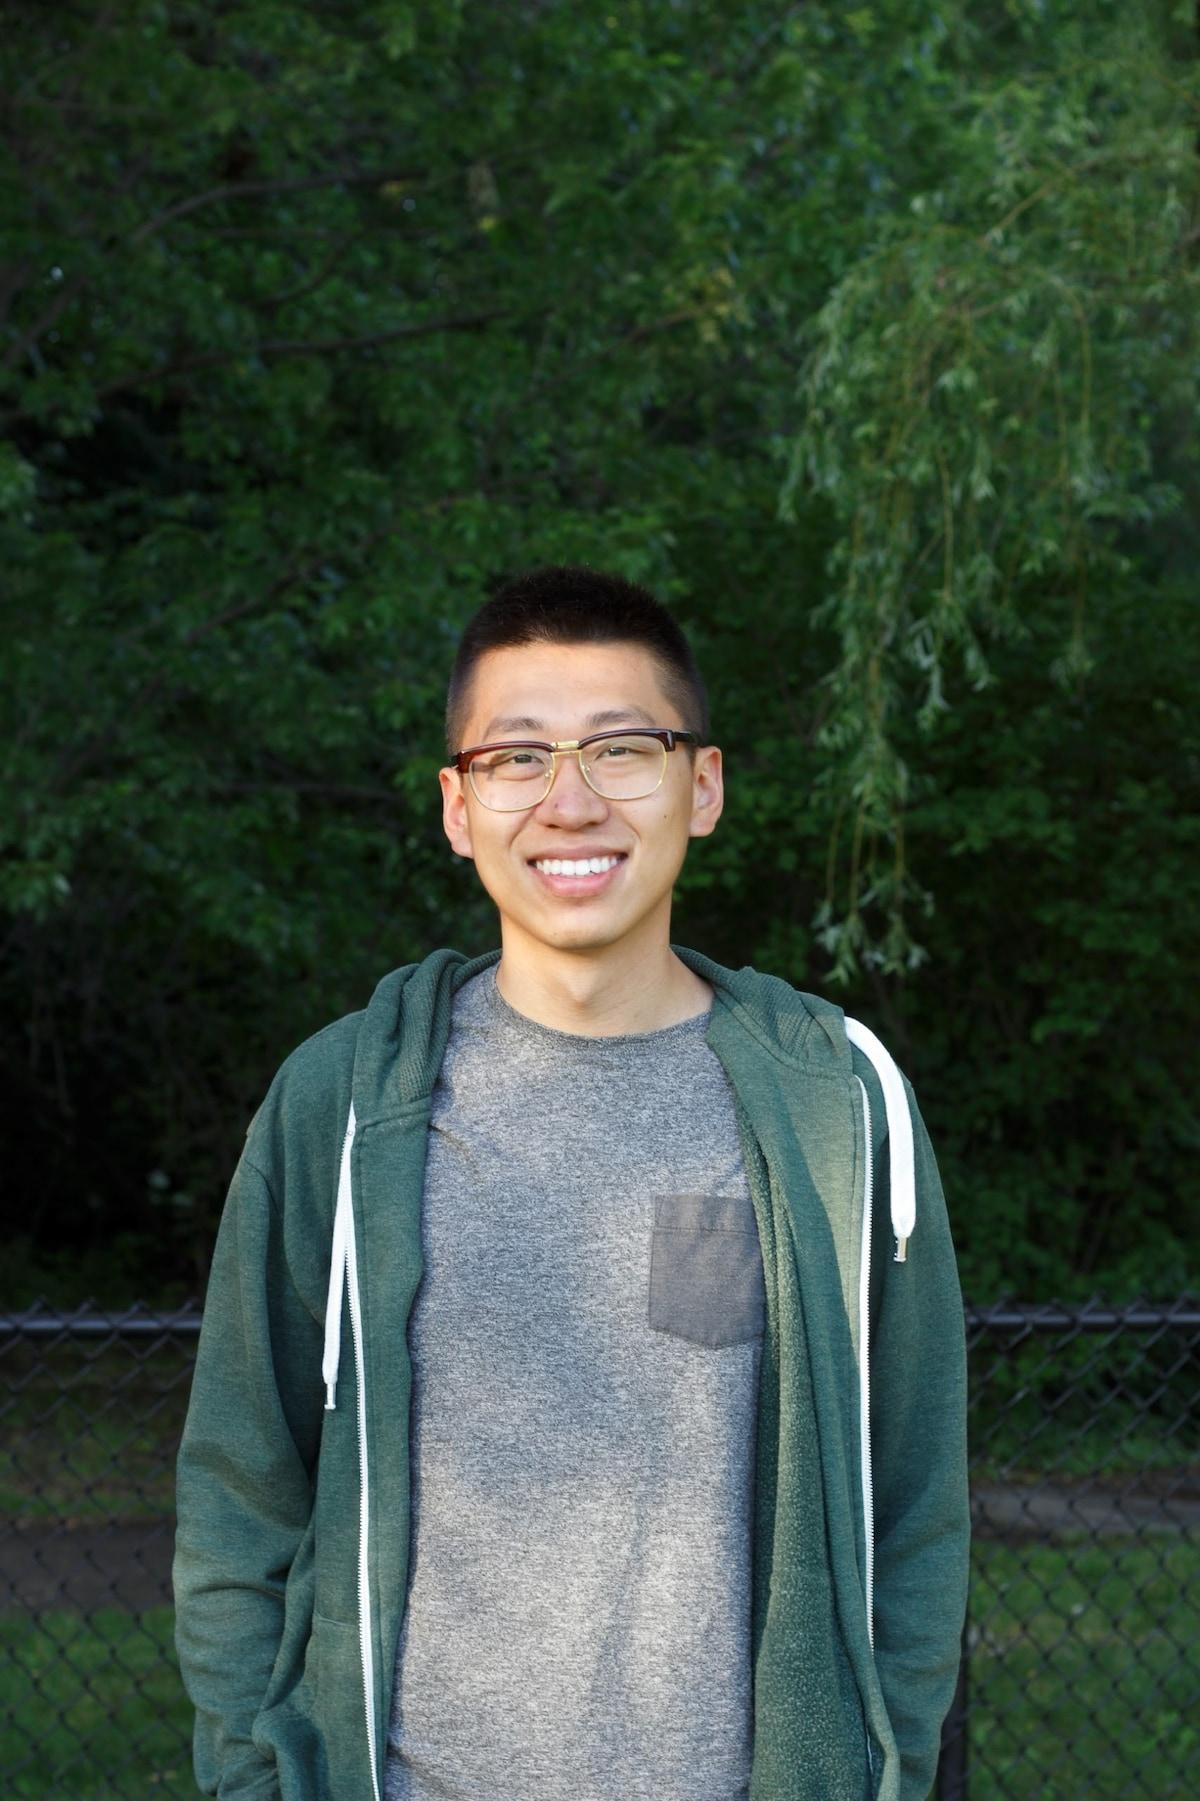 Yi from Cambridge